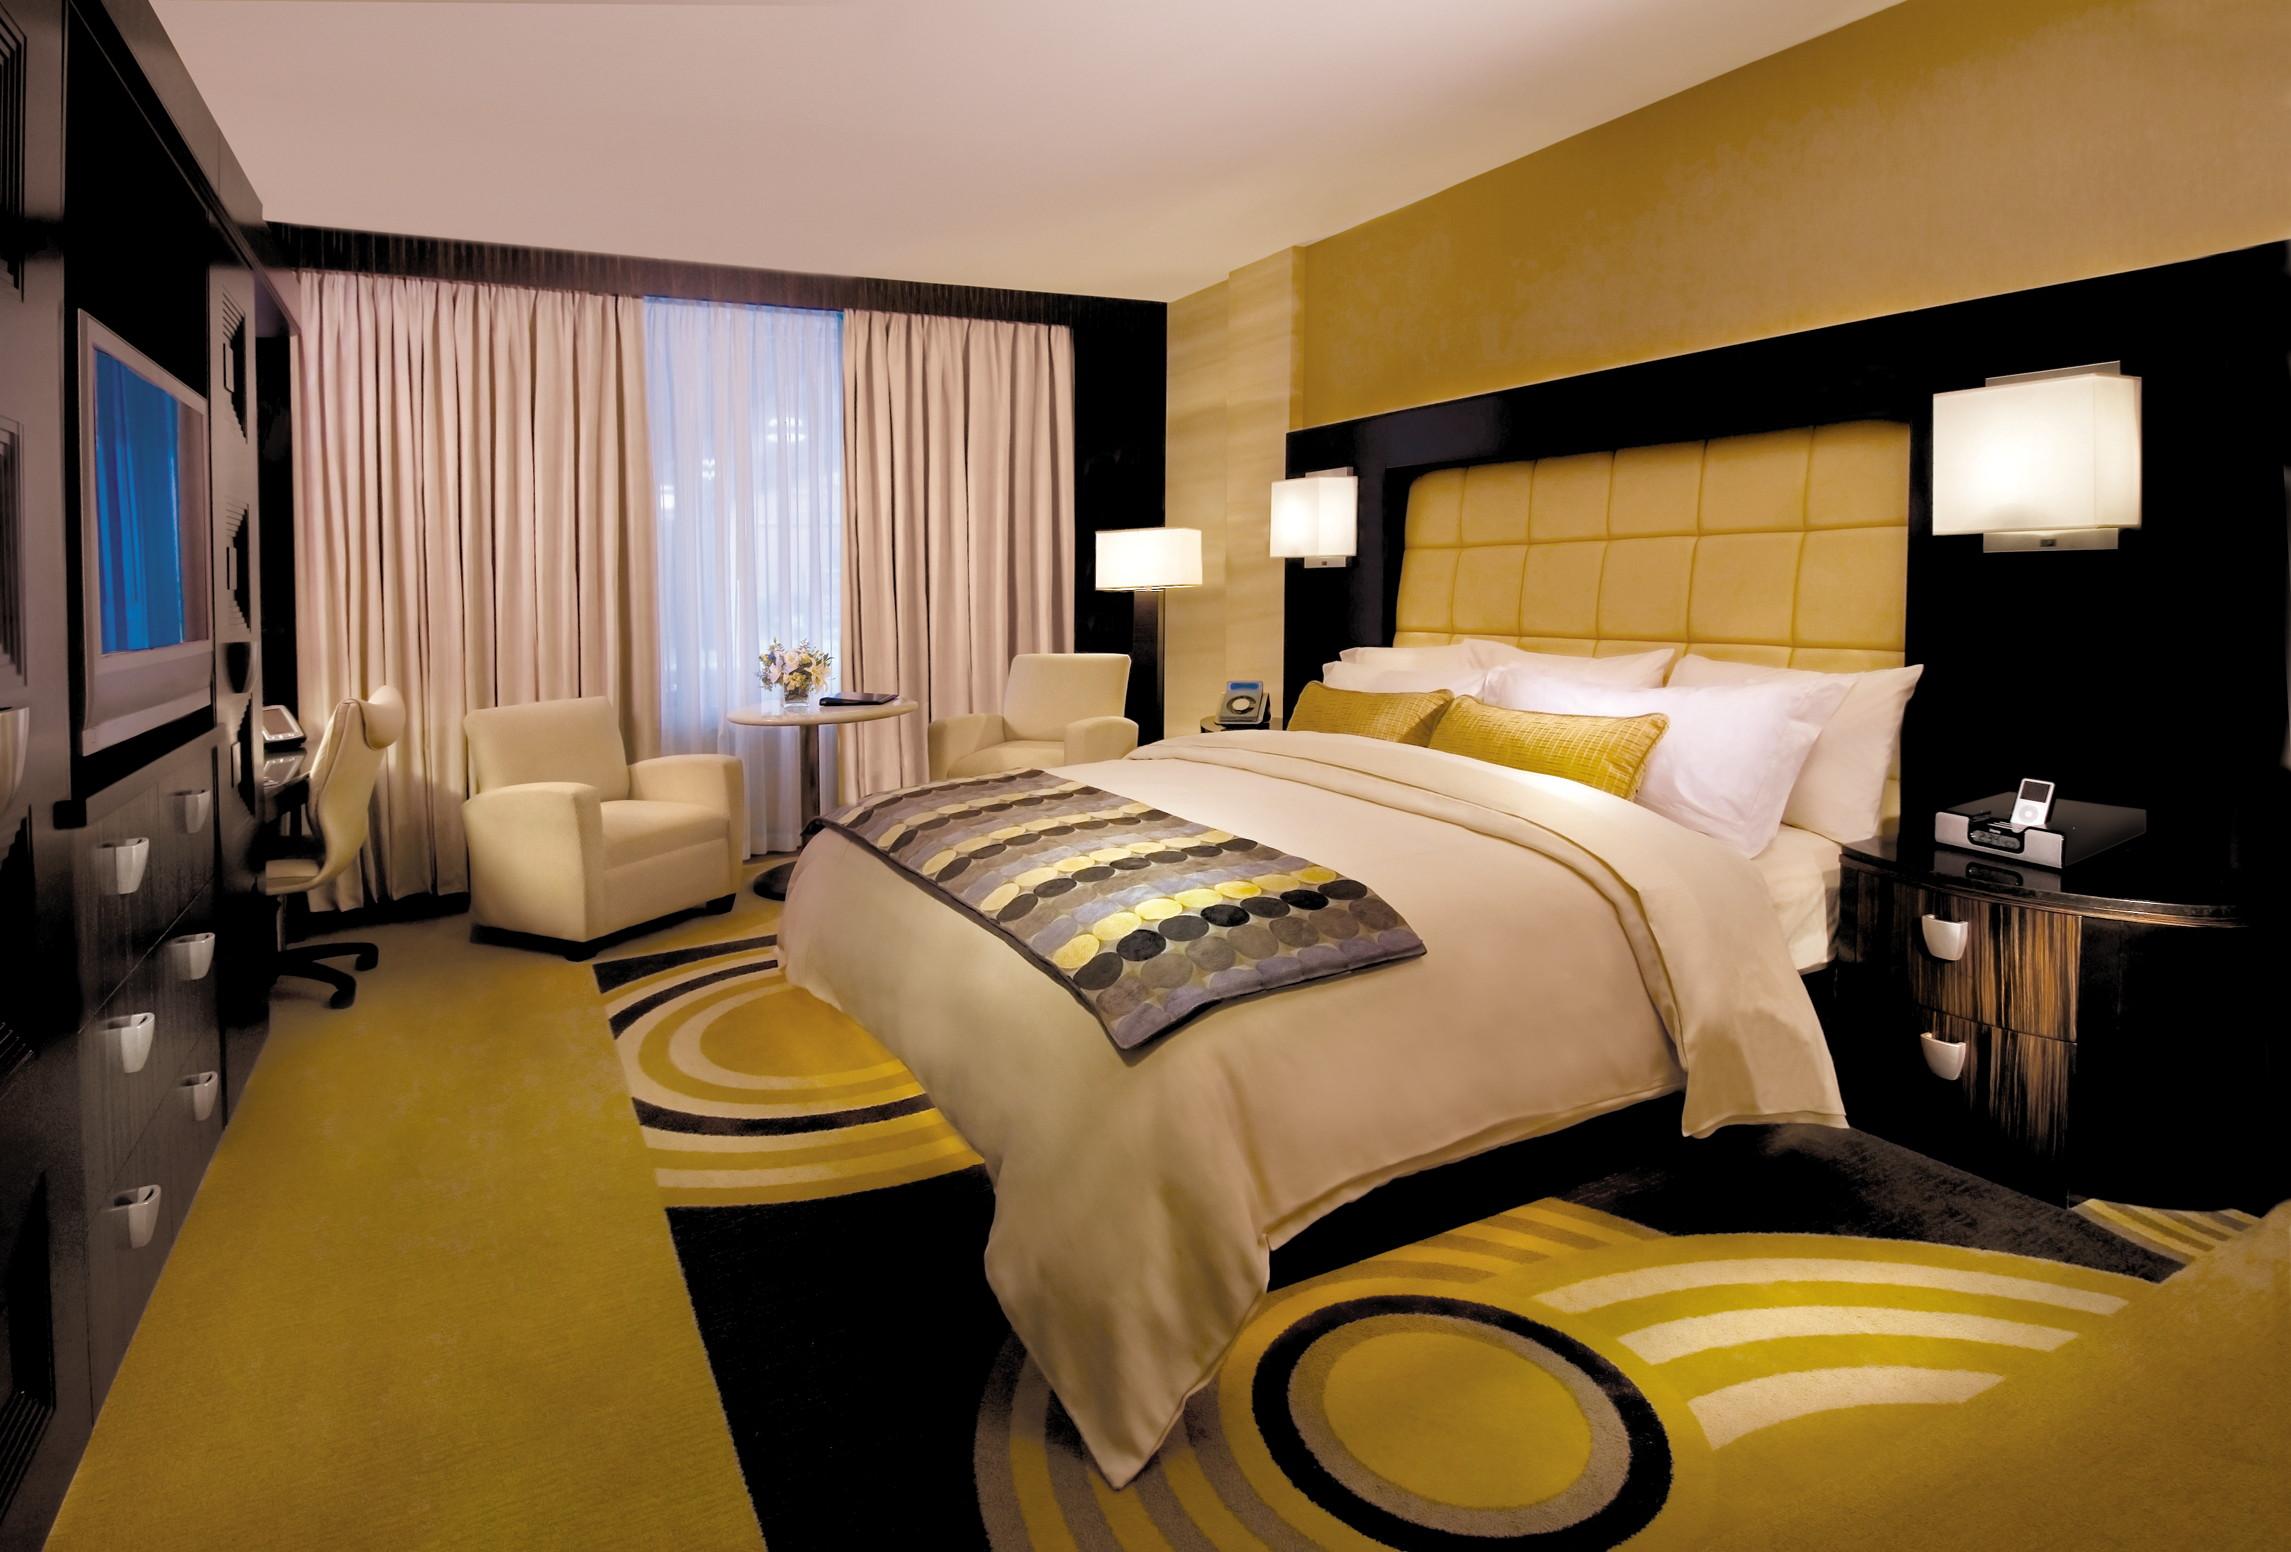 Отель с наработанной базой  корпоративных клиенто